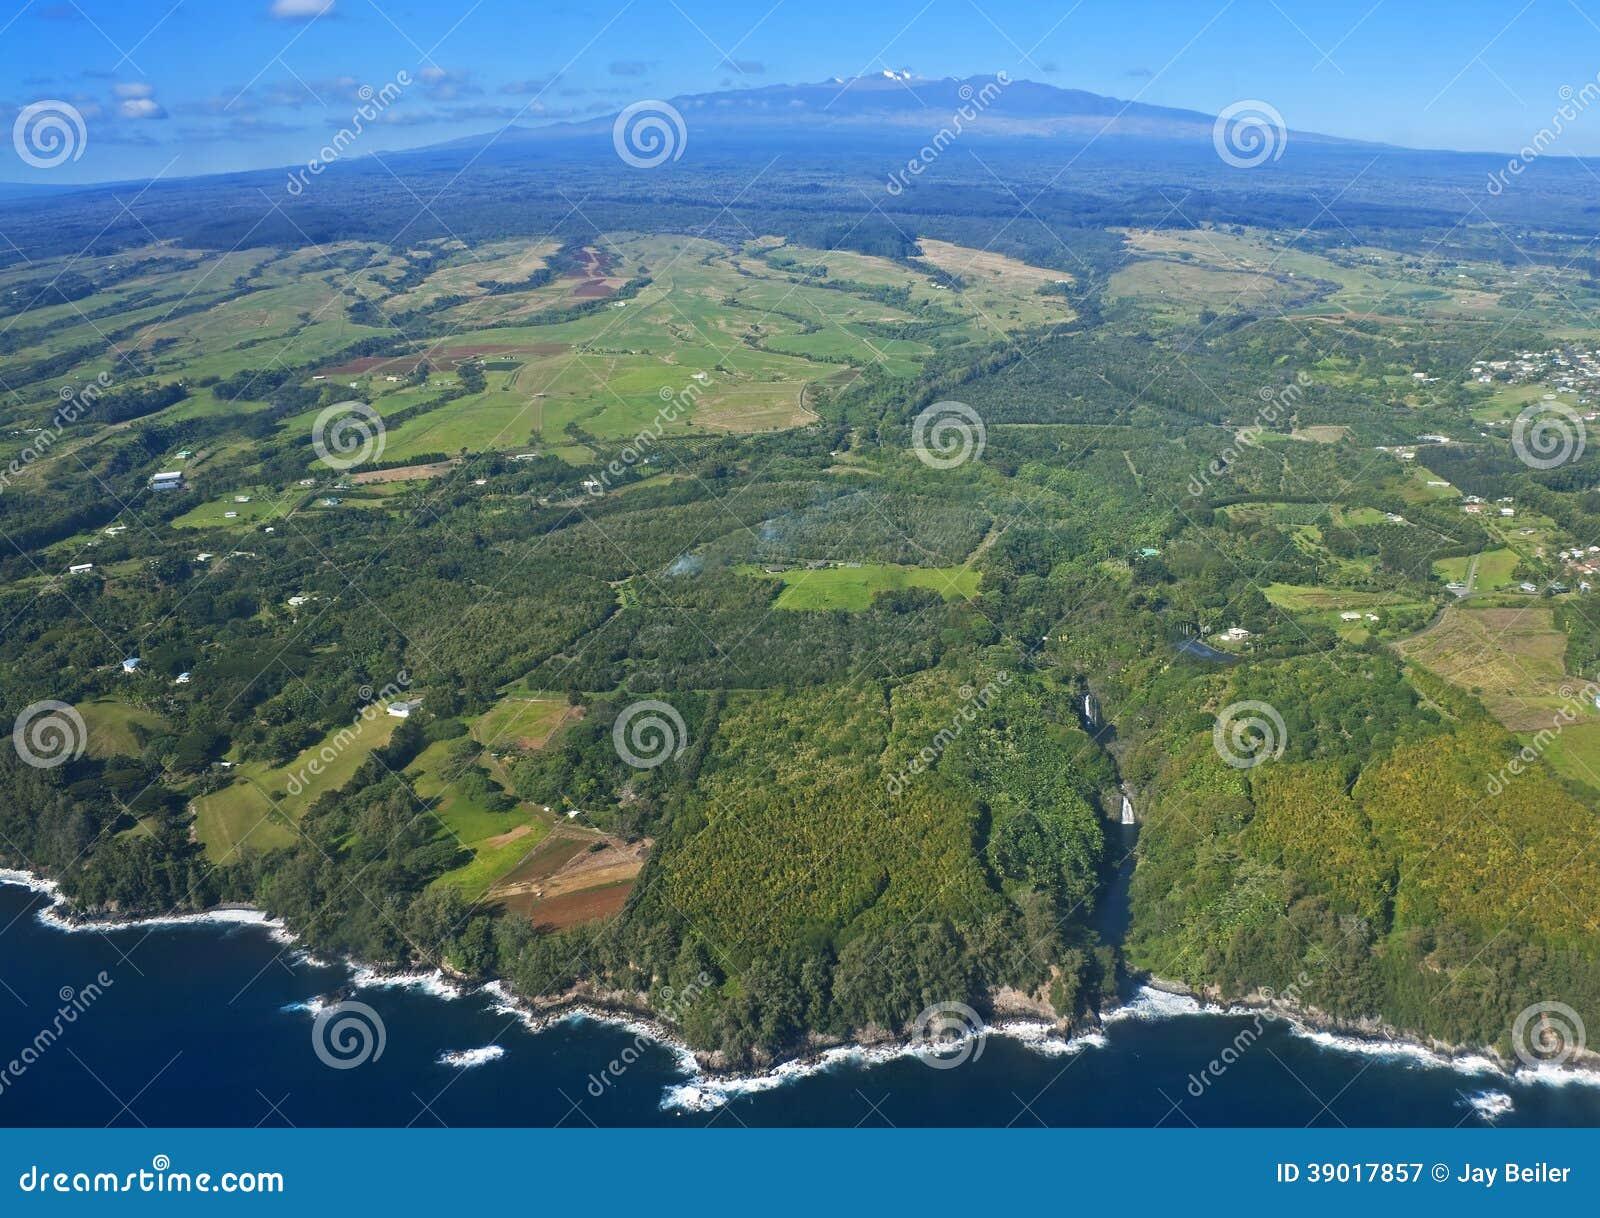 Time hilo hawaii